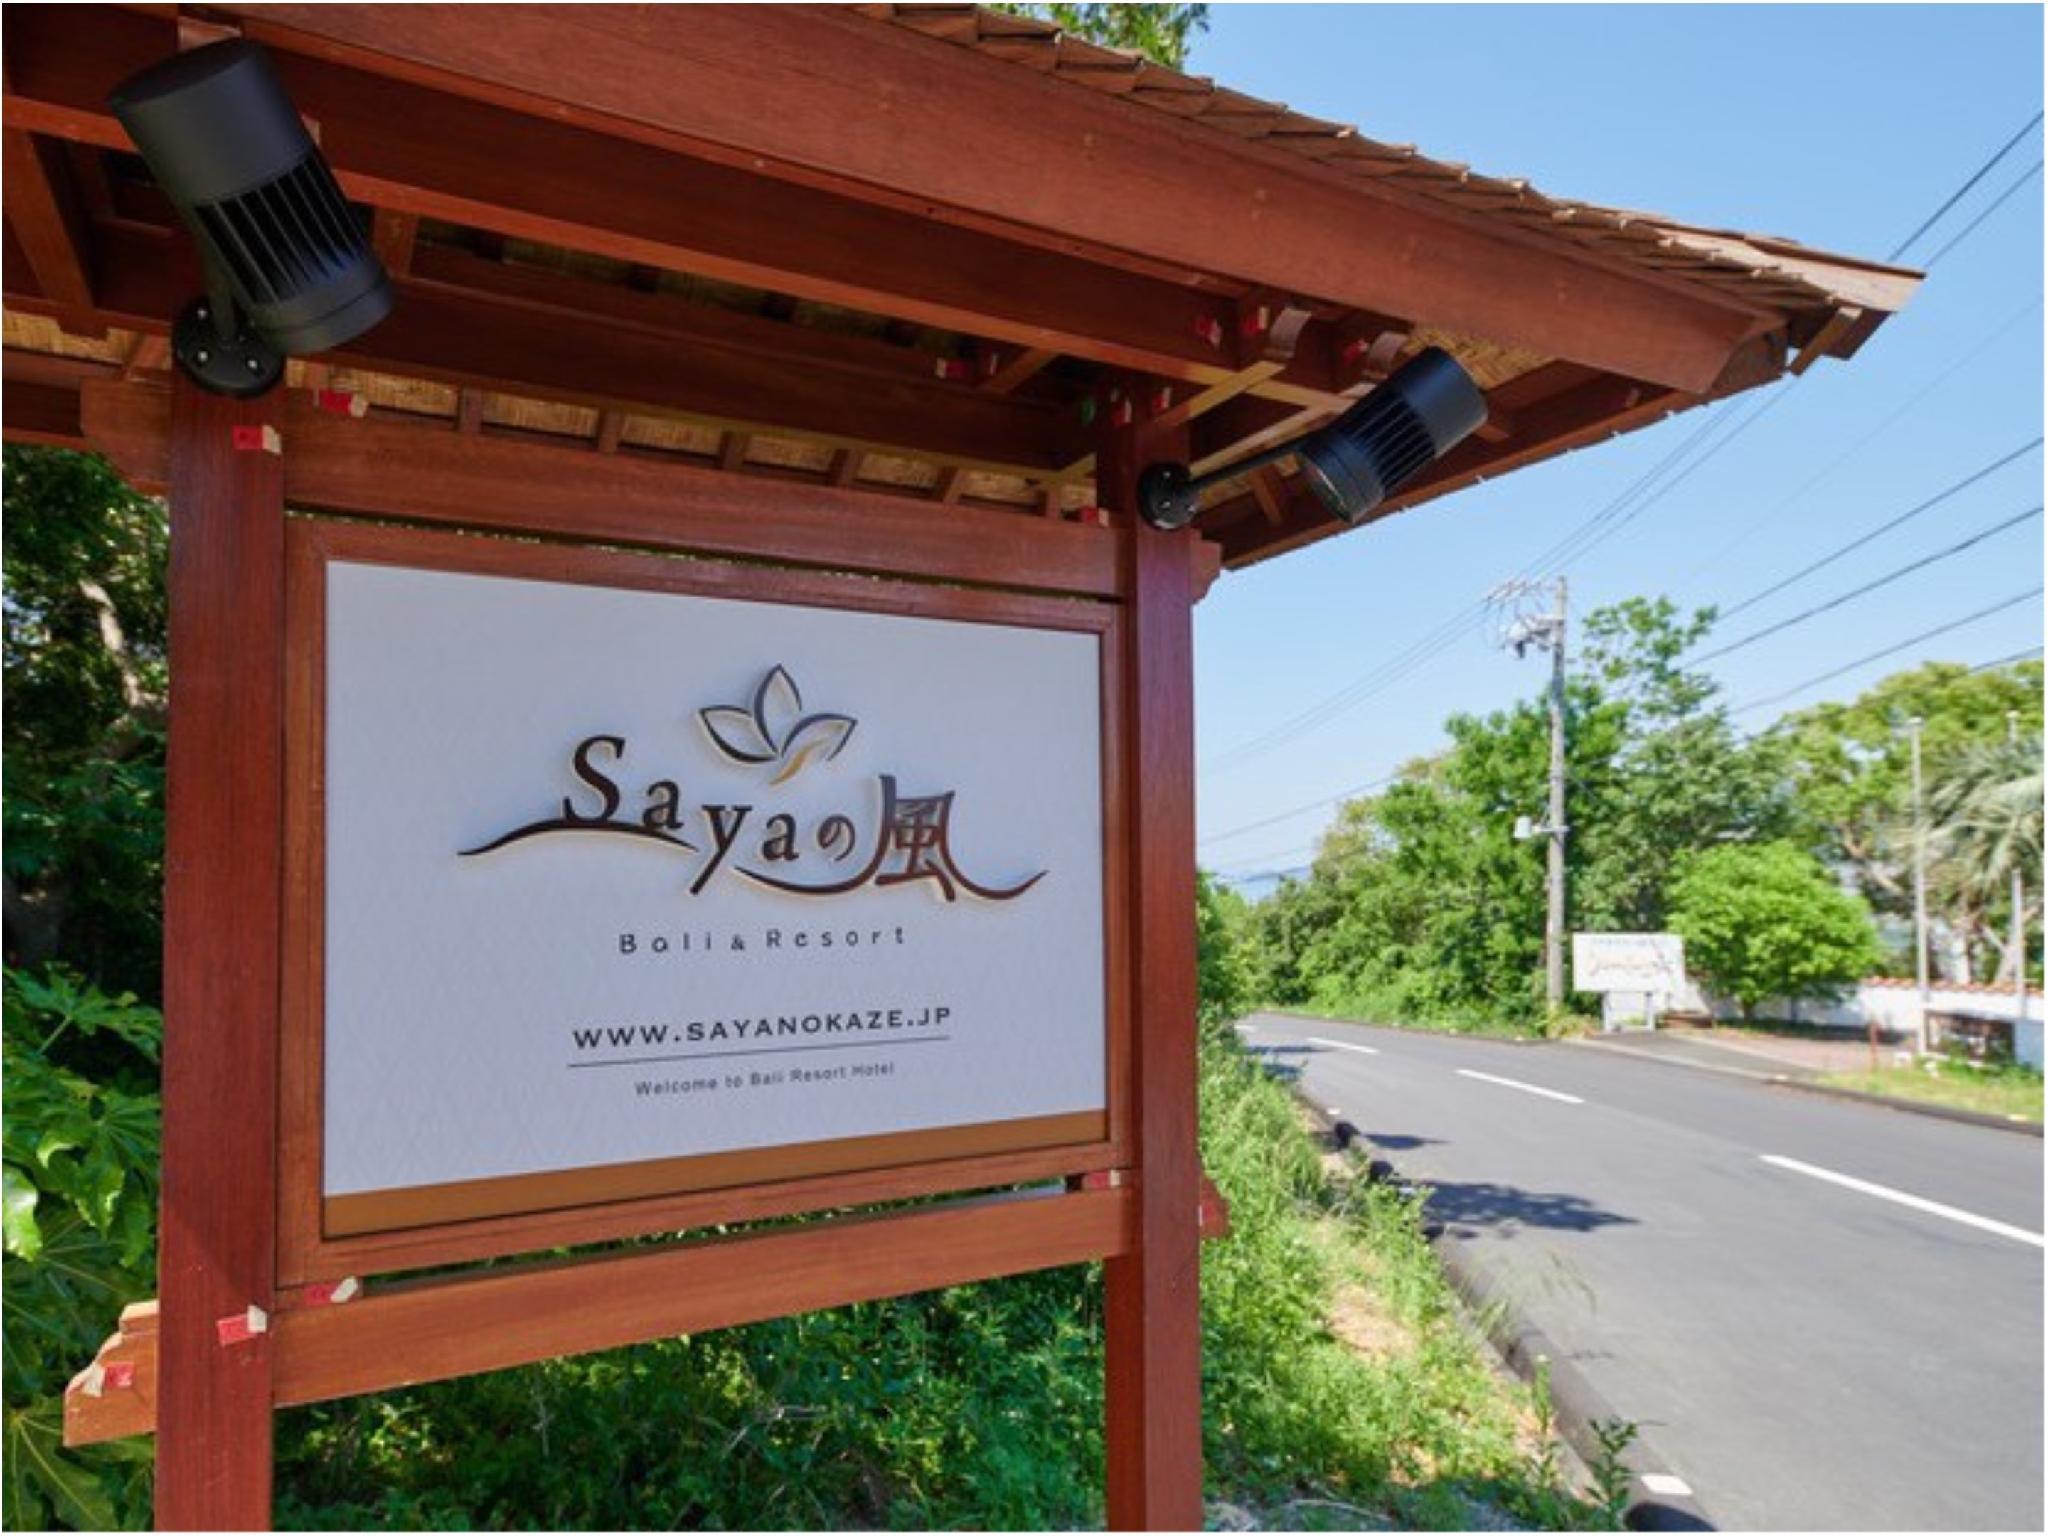 Bali And Resort Sayanokaze